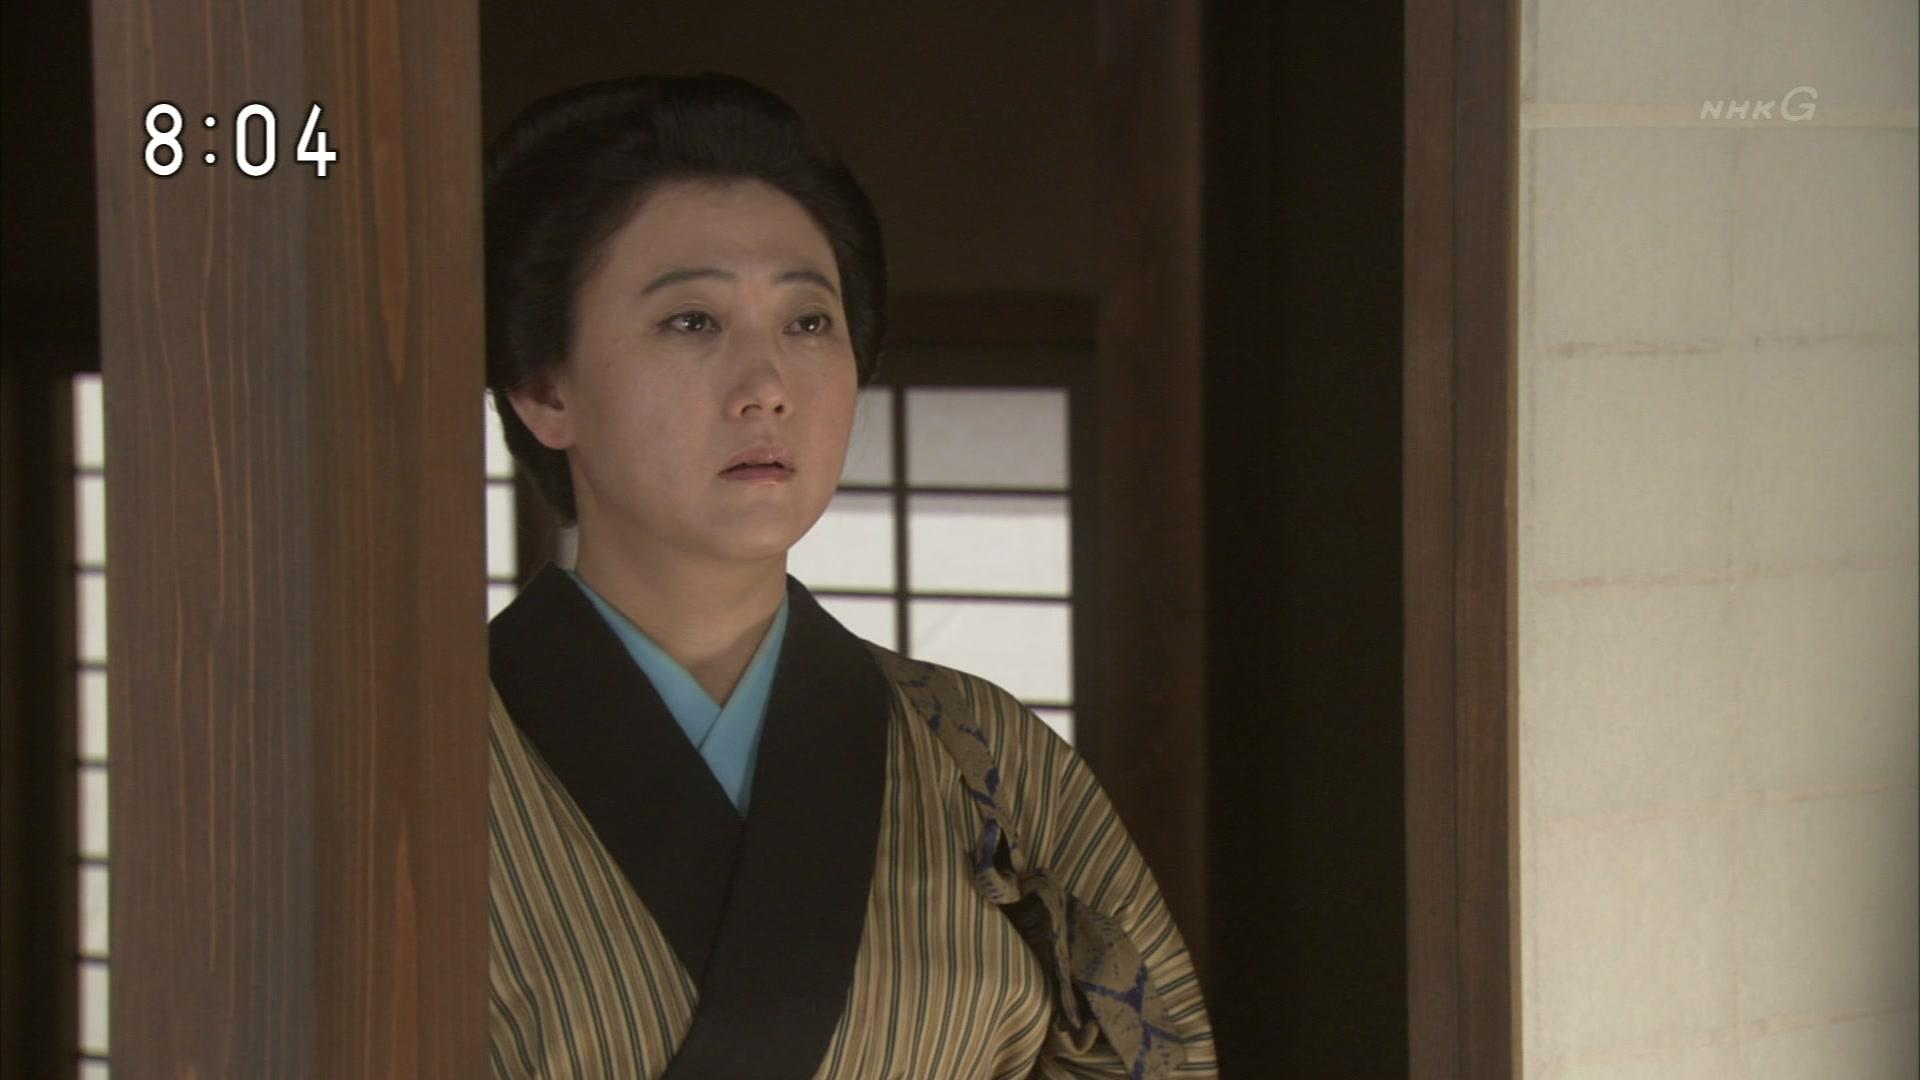 2015-10-09 08:00 連続テレビ小説 あさが来た(11)「ふたつの花びら」 0894